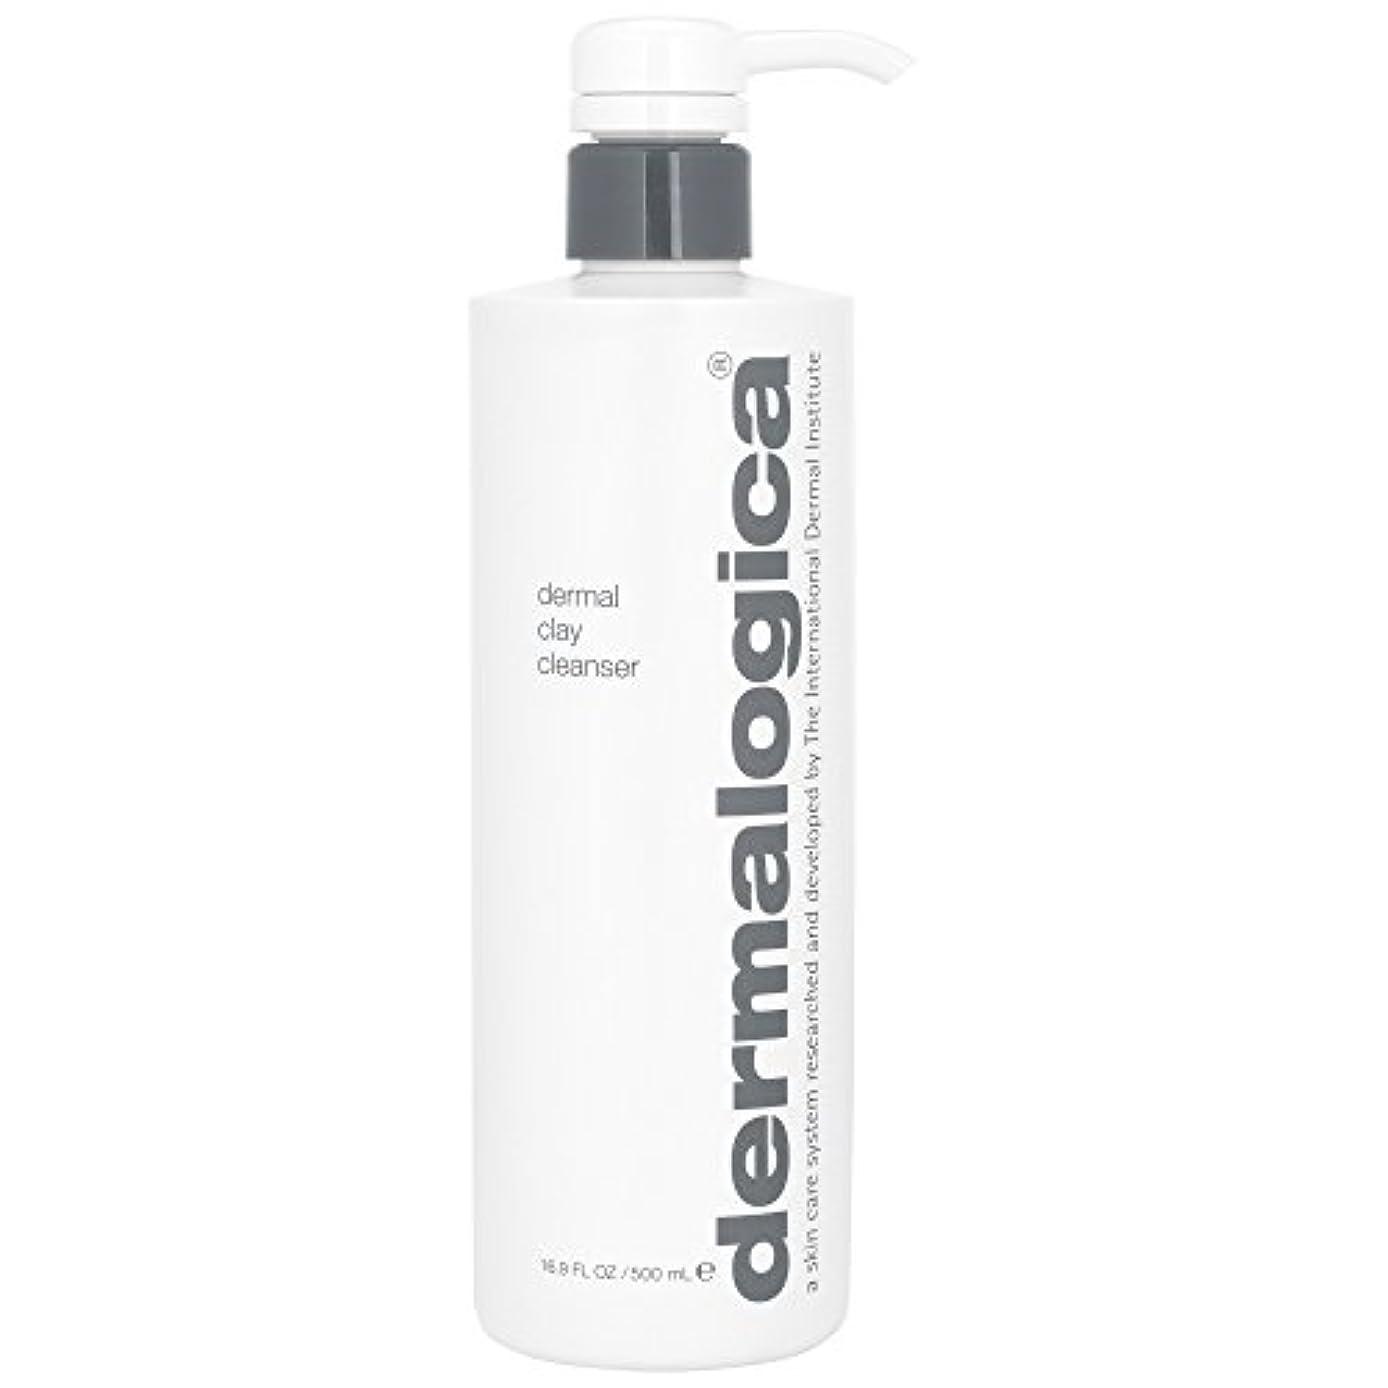 バンカー仮定ノートダーマロジカ真皮クレイクレンザー500ミリリットル (Dermalogica) (x6) - Dermalogica Dermal Clay Cleanser 500ml (Pack of 6) [並行輸入品]